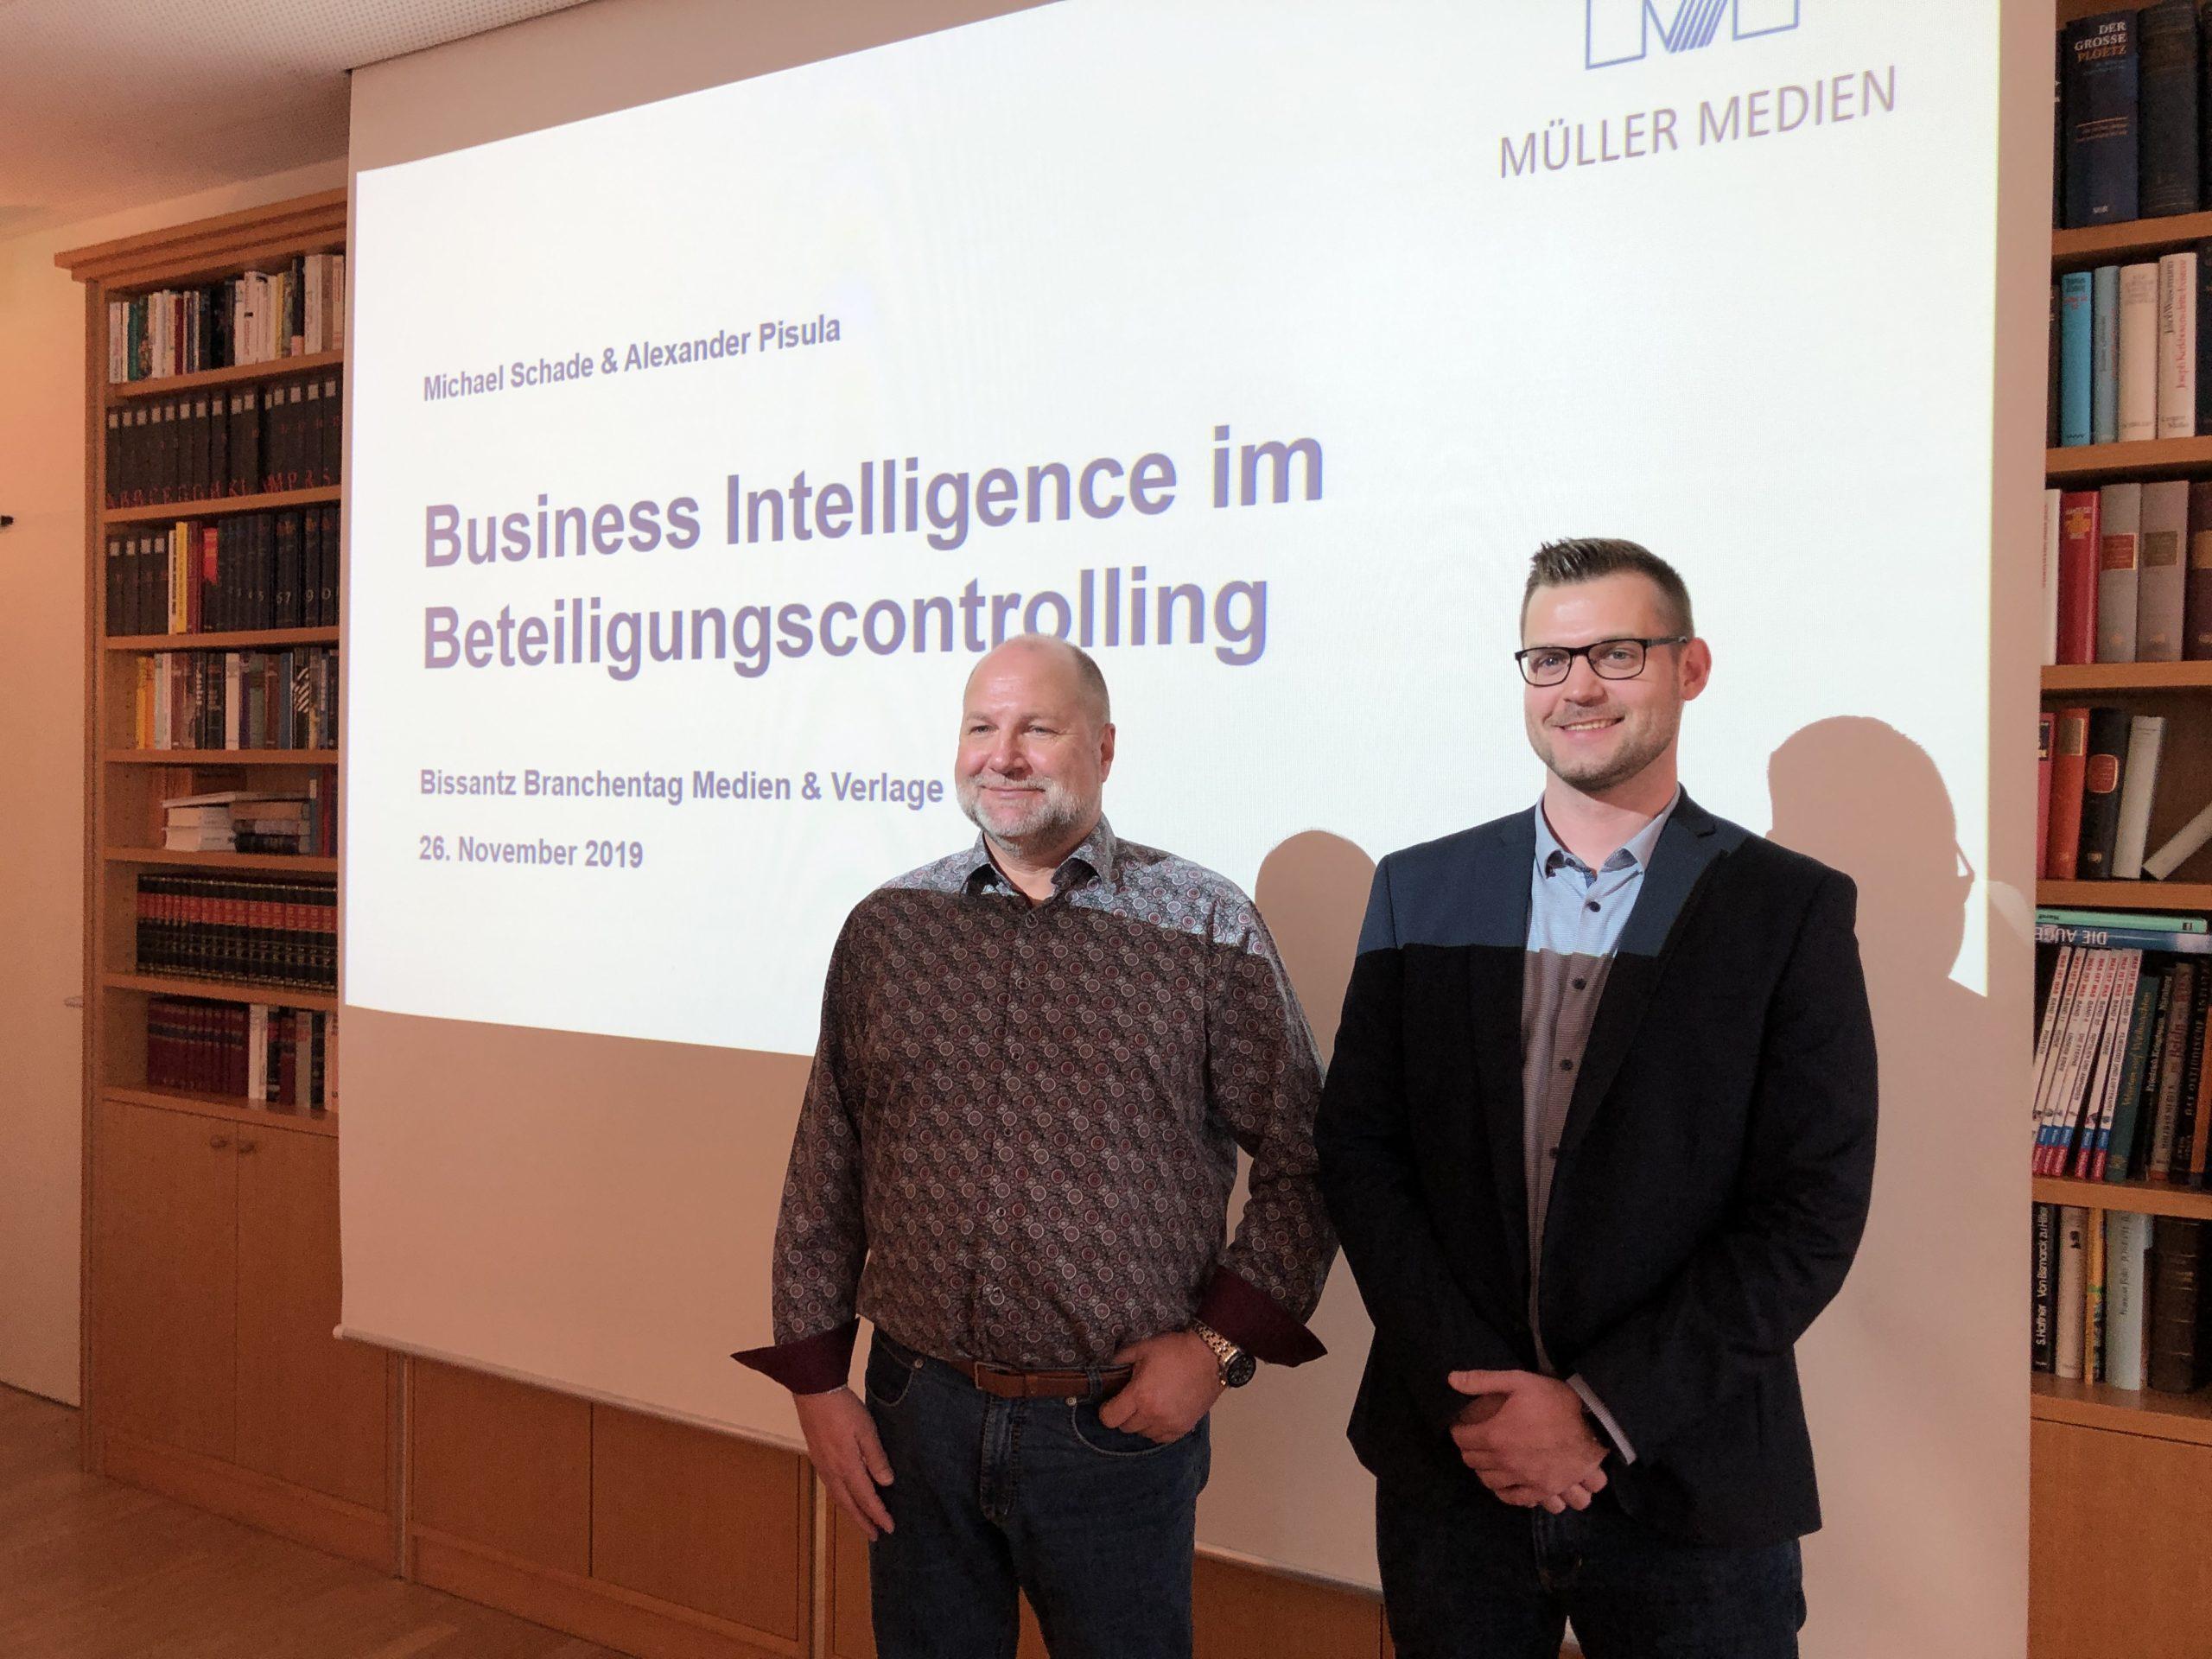 Müller Medien: Michael Schade und Alexander Pisula auf DeltaMaster-Matinee Nürnberg 2019